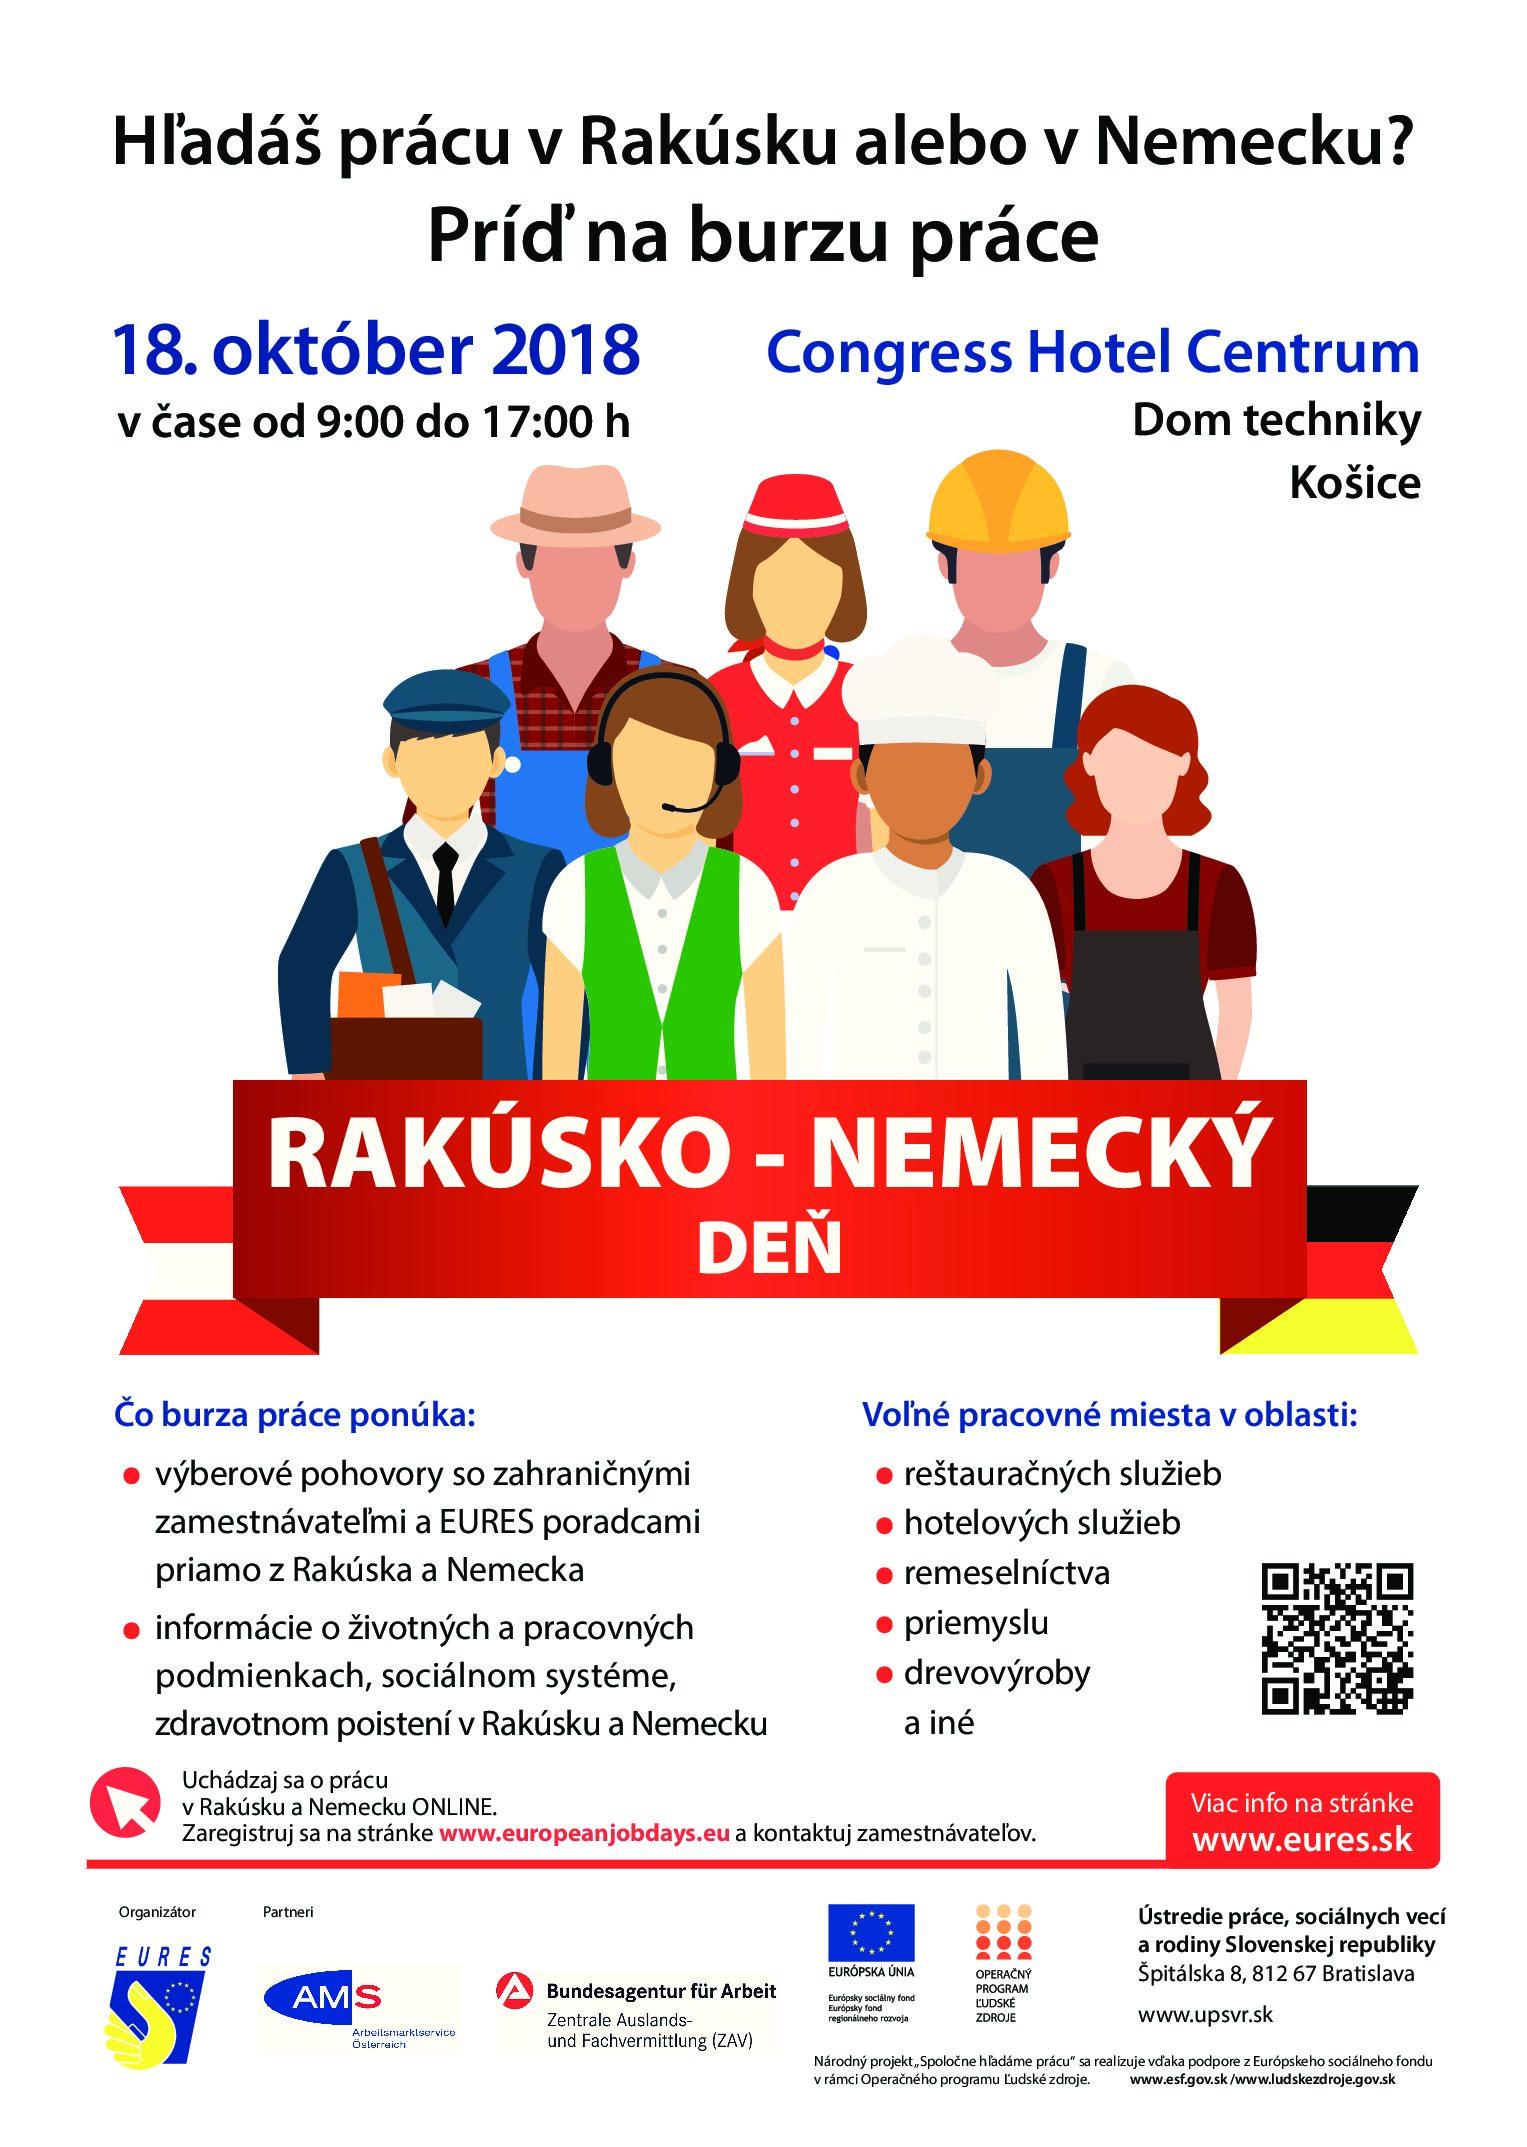 Ak uvažujete o práci za hranicami Slovenska, práve pre vás je určený 7. ročník veľtrhu práceRakúsko – nemecký Deň, ktorý sa po prvýkrát uskutoční aj vKošiciach. Rezervujte si naň čas vo štvrtok 18. októbra medzi 9.00 a 17.00 hod. vpriestorochCongress Hotel Centrum naJužnej triede 2A. Veľtrh práce sa bude konať aj formou online,pre tých, ktorí […]